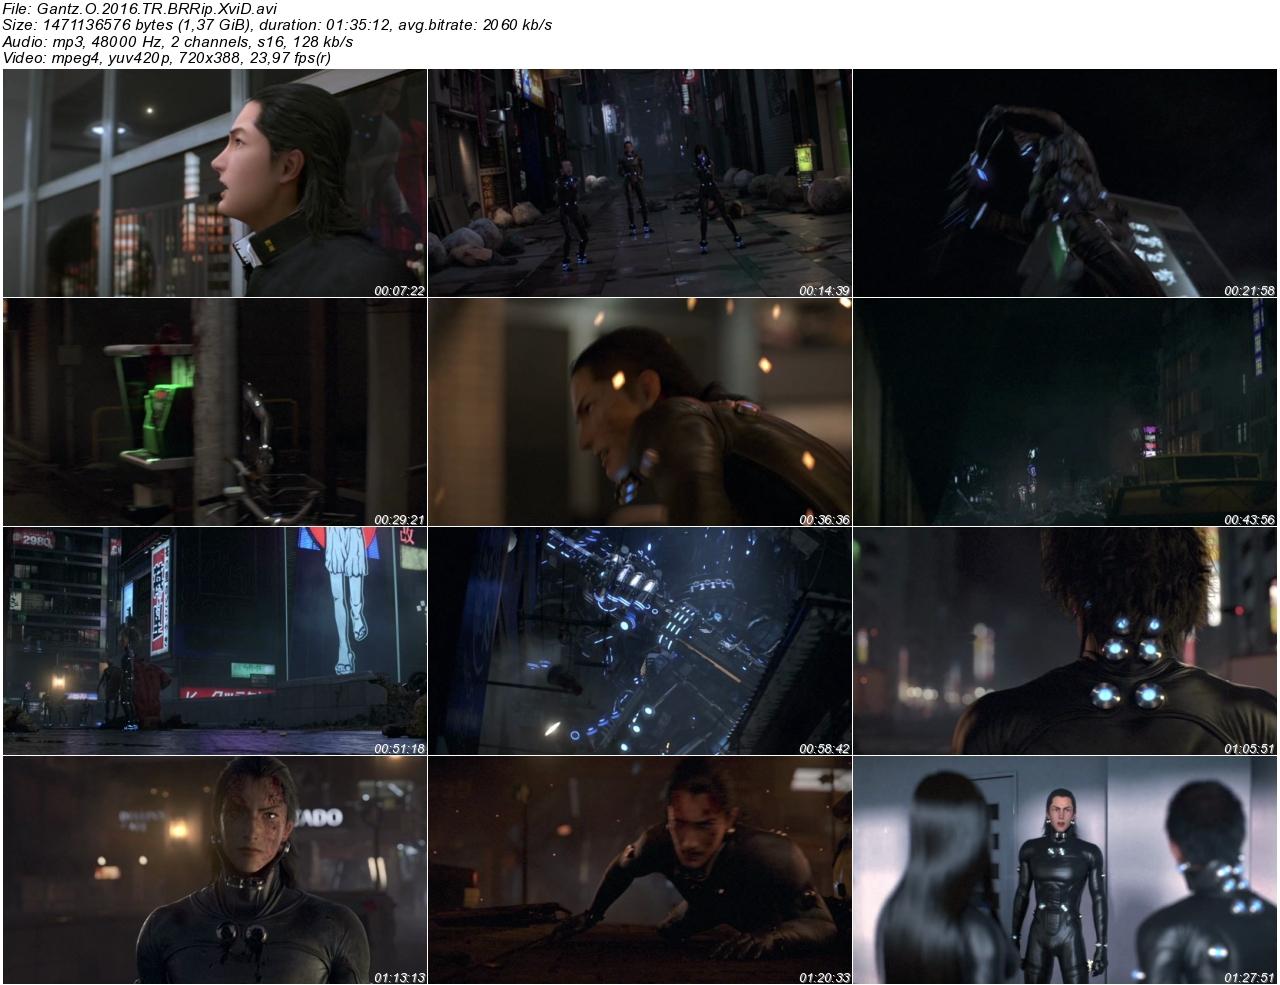 Gantz O 2016 - 1080p 720p 480p - Türkçe Dublaj Tek Link indir